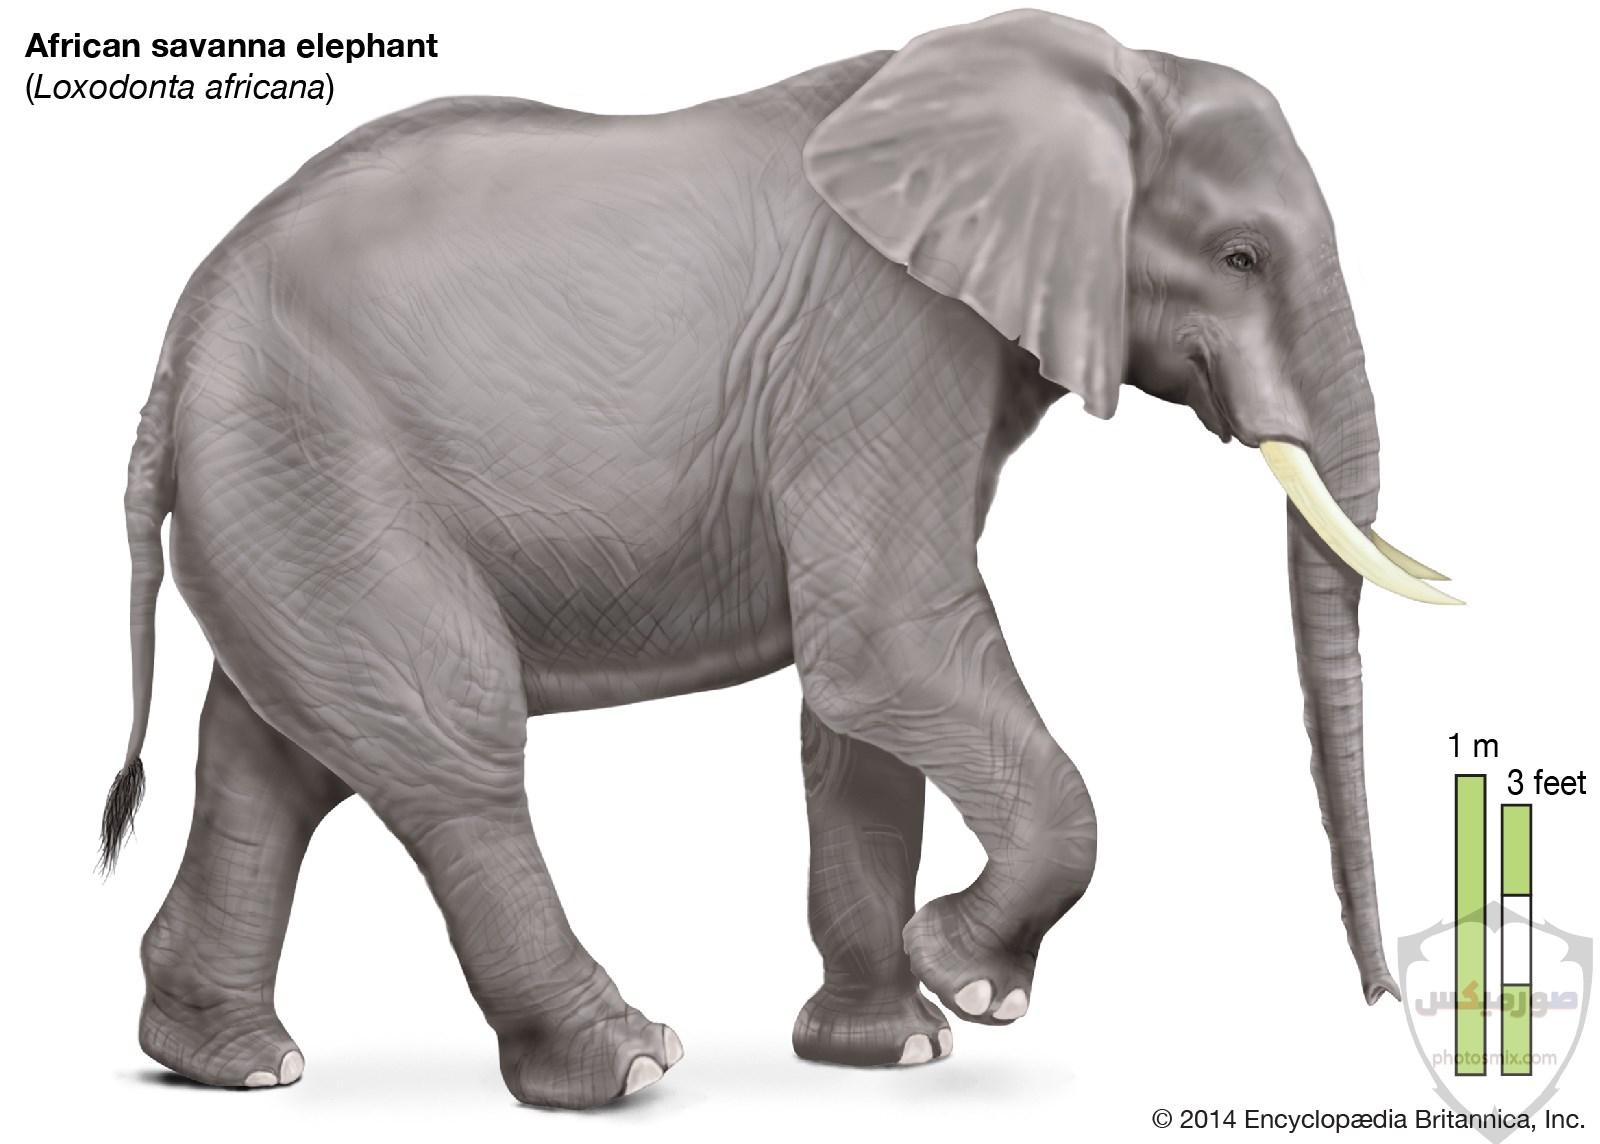 صور الفيل لمحبي الحيوانات وخصوصا الفيل سنقدم لكم مجموعة صور رائعة وجميلة جدا عن حيوان الفيل 10